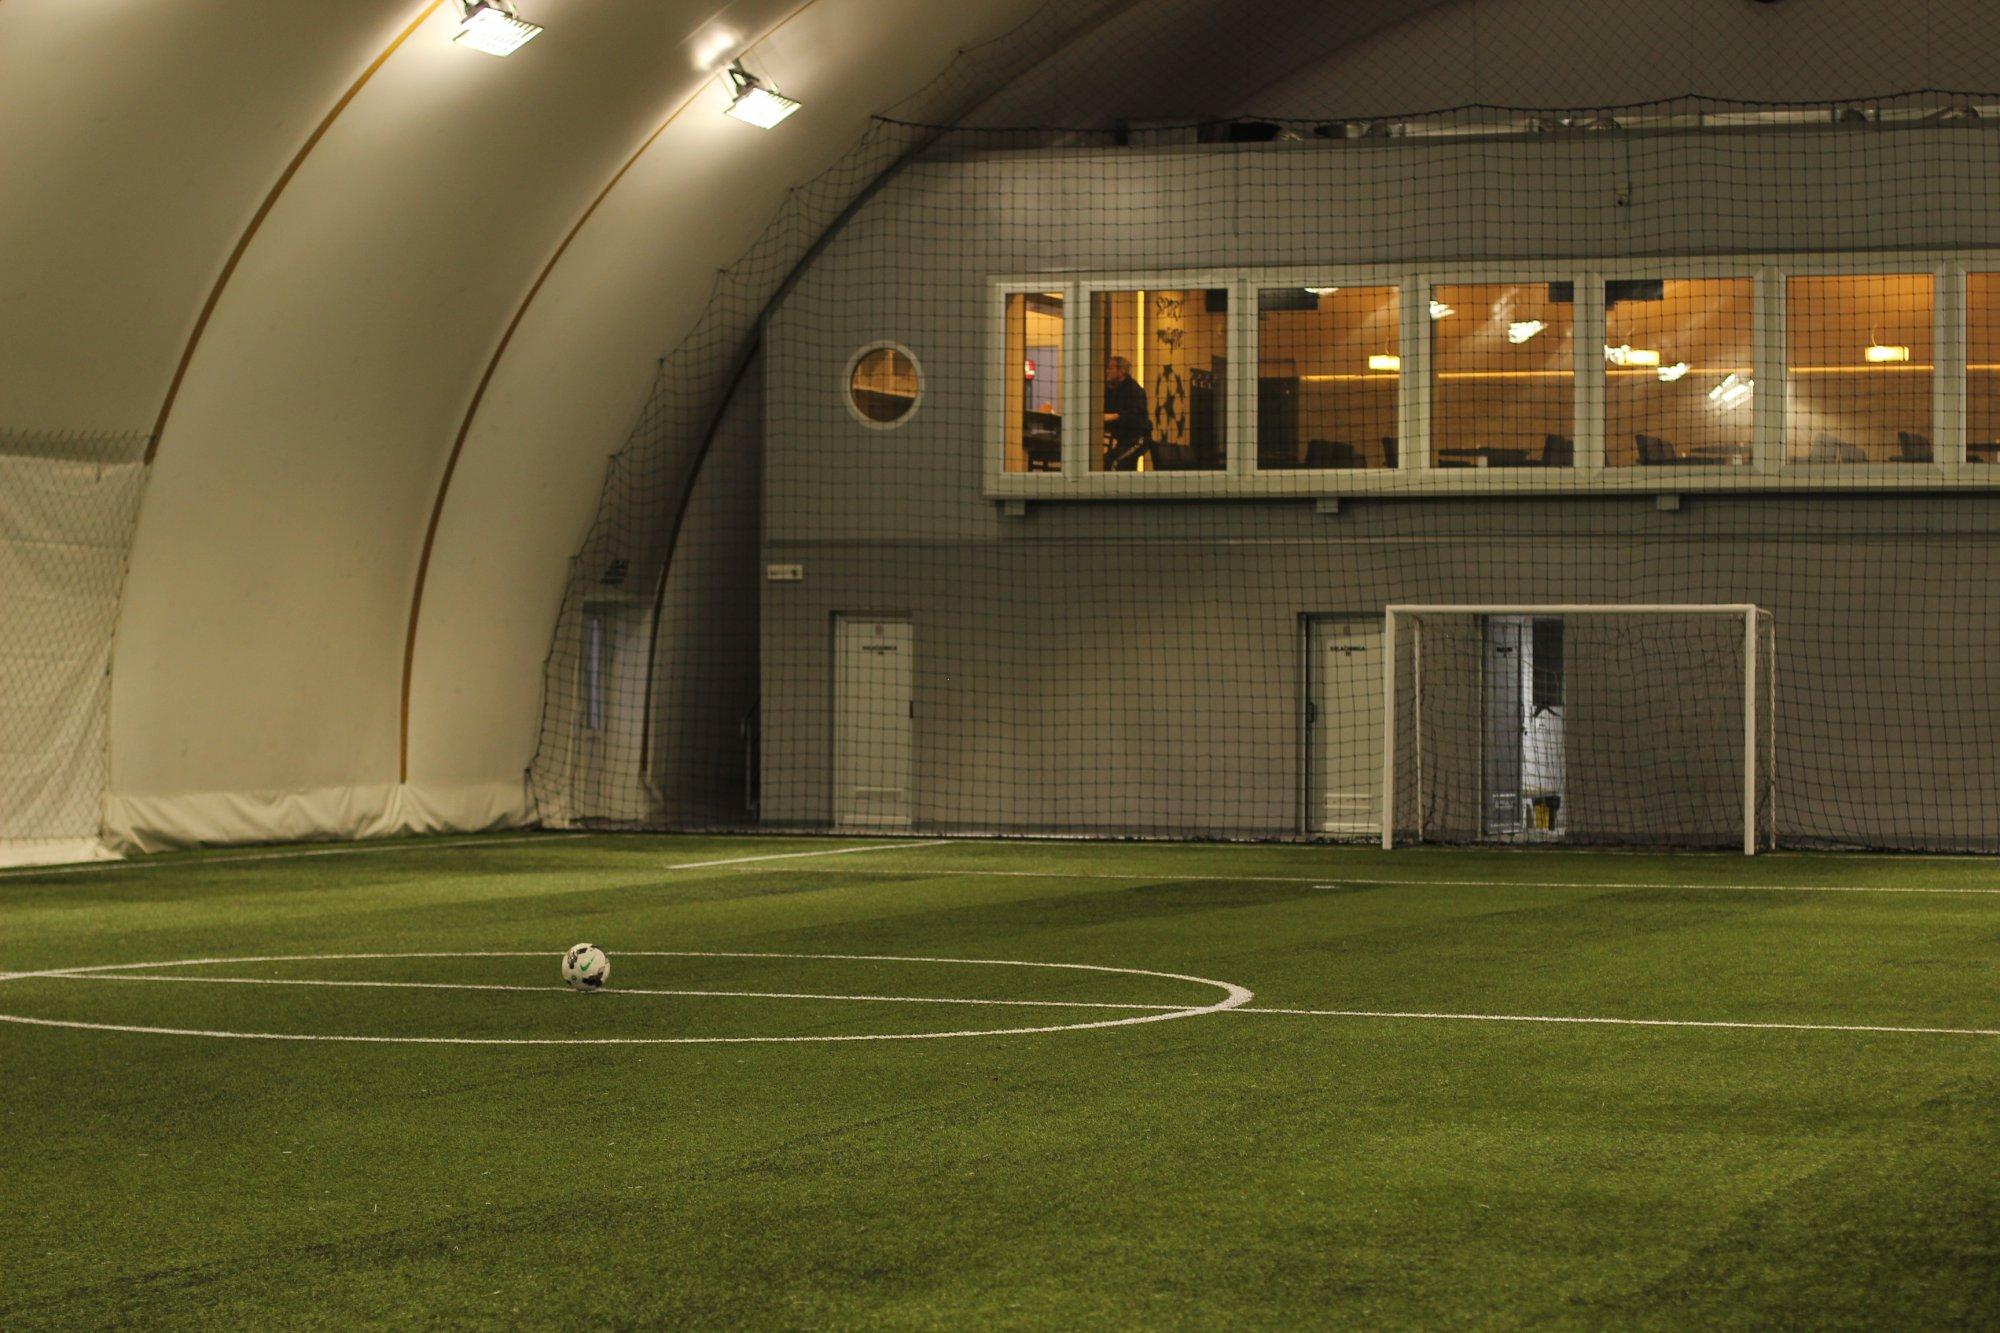 sportski centar sportland skola fudbala u novom sadu